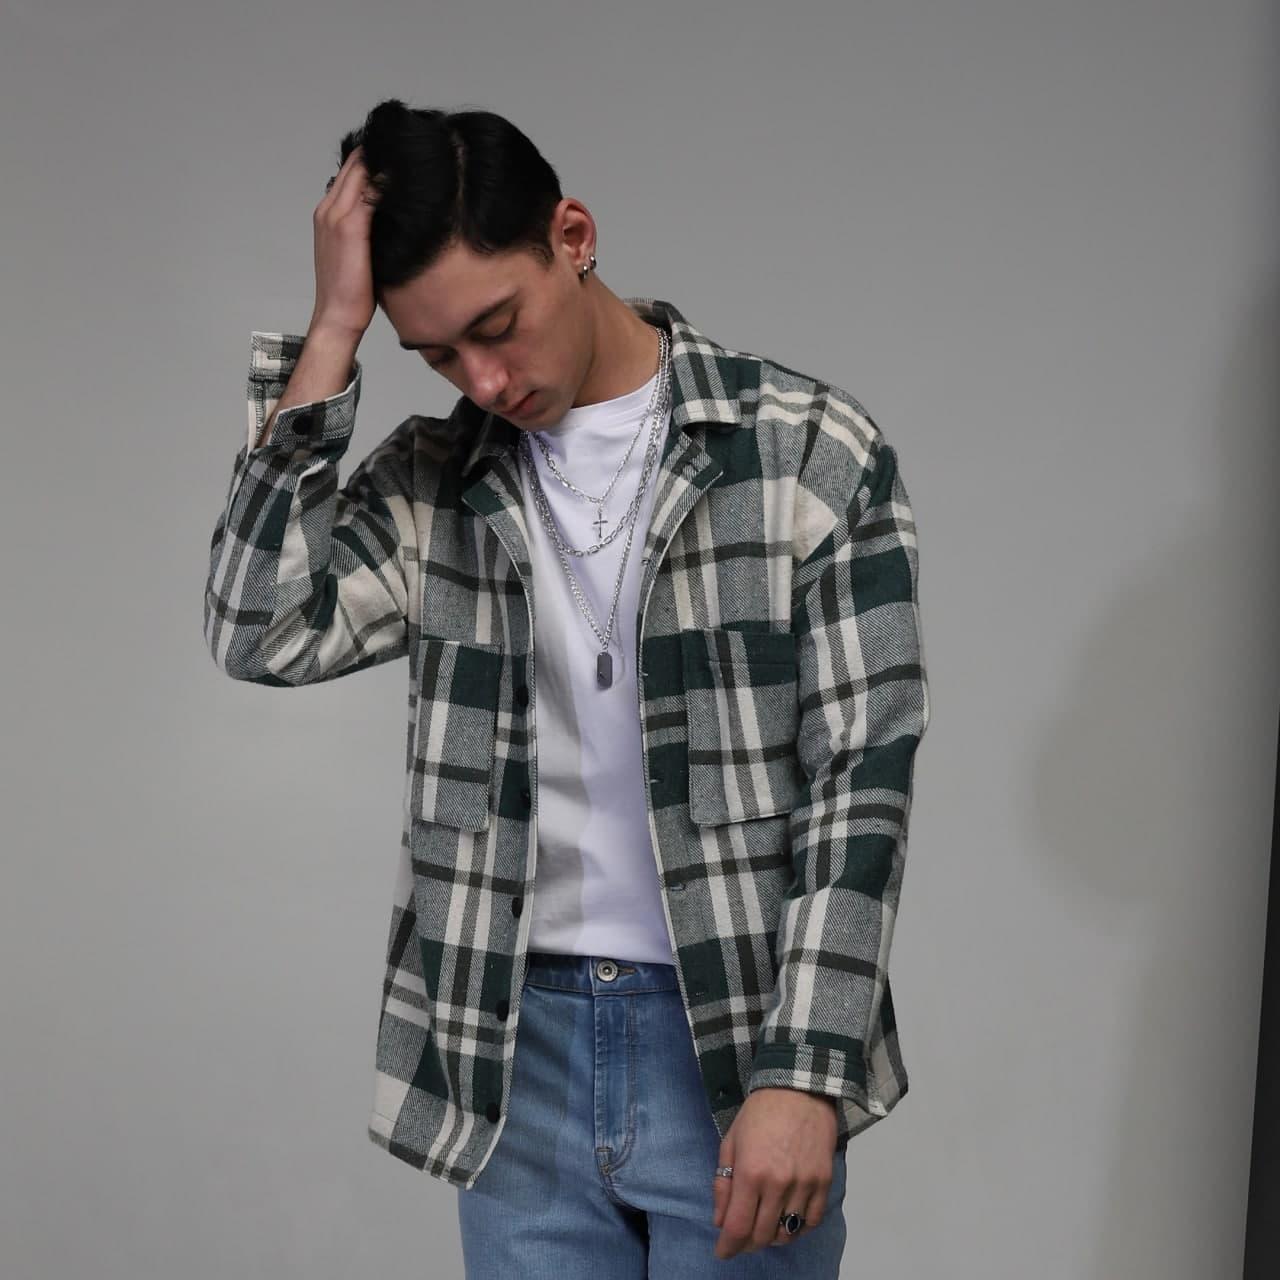 Куртка-рубашка мужская в клетку зеленая с белым Фьюри (Fury) от бренда ТУР